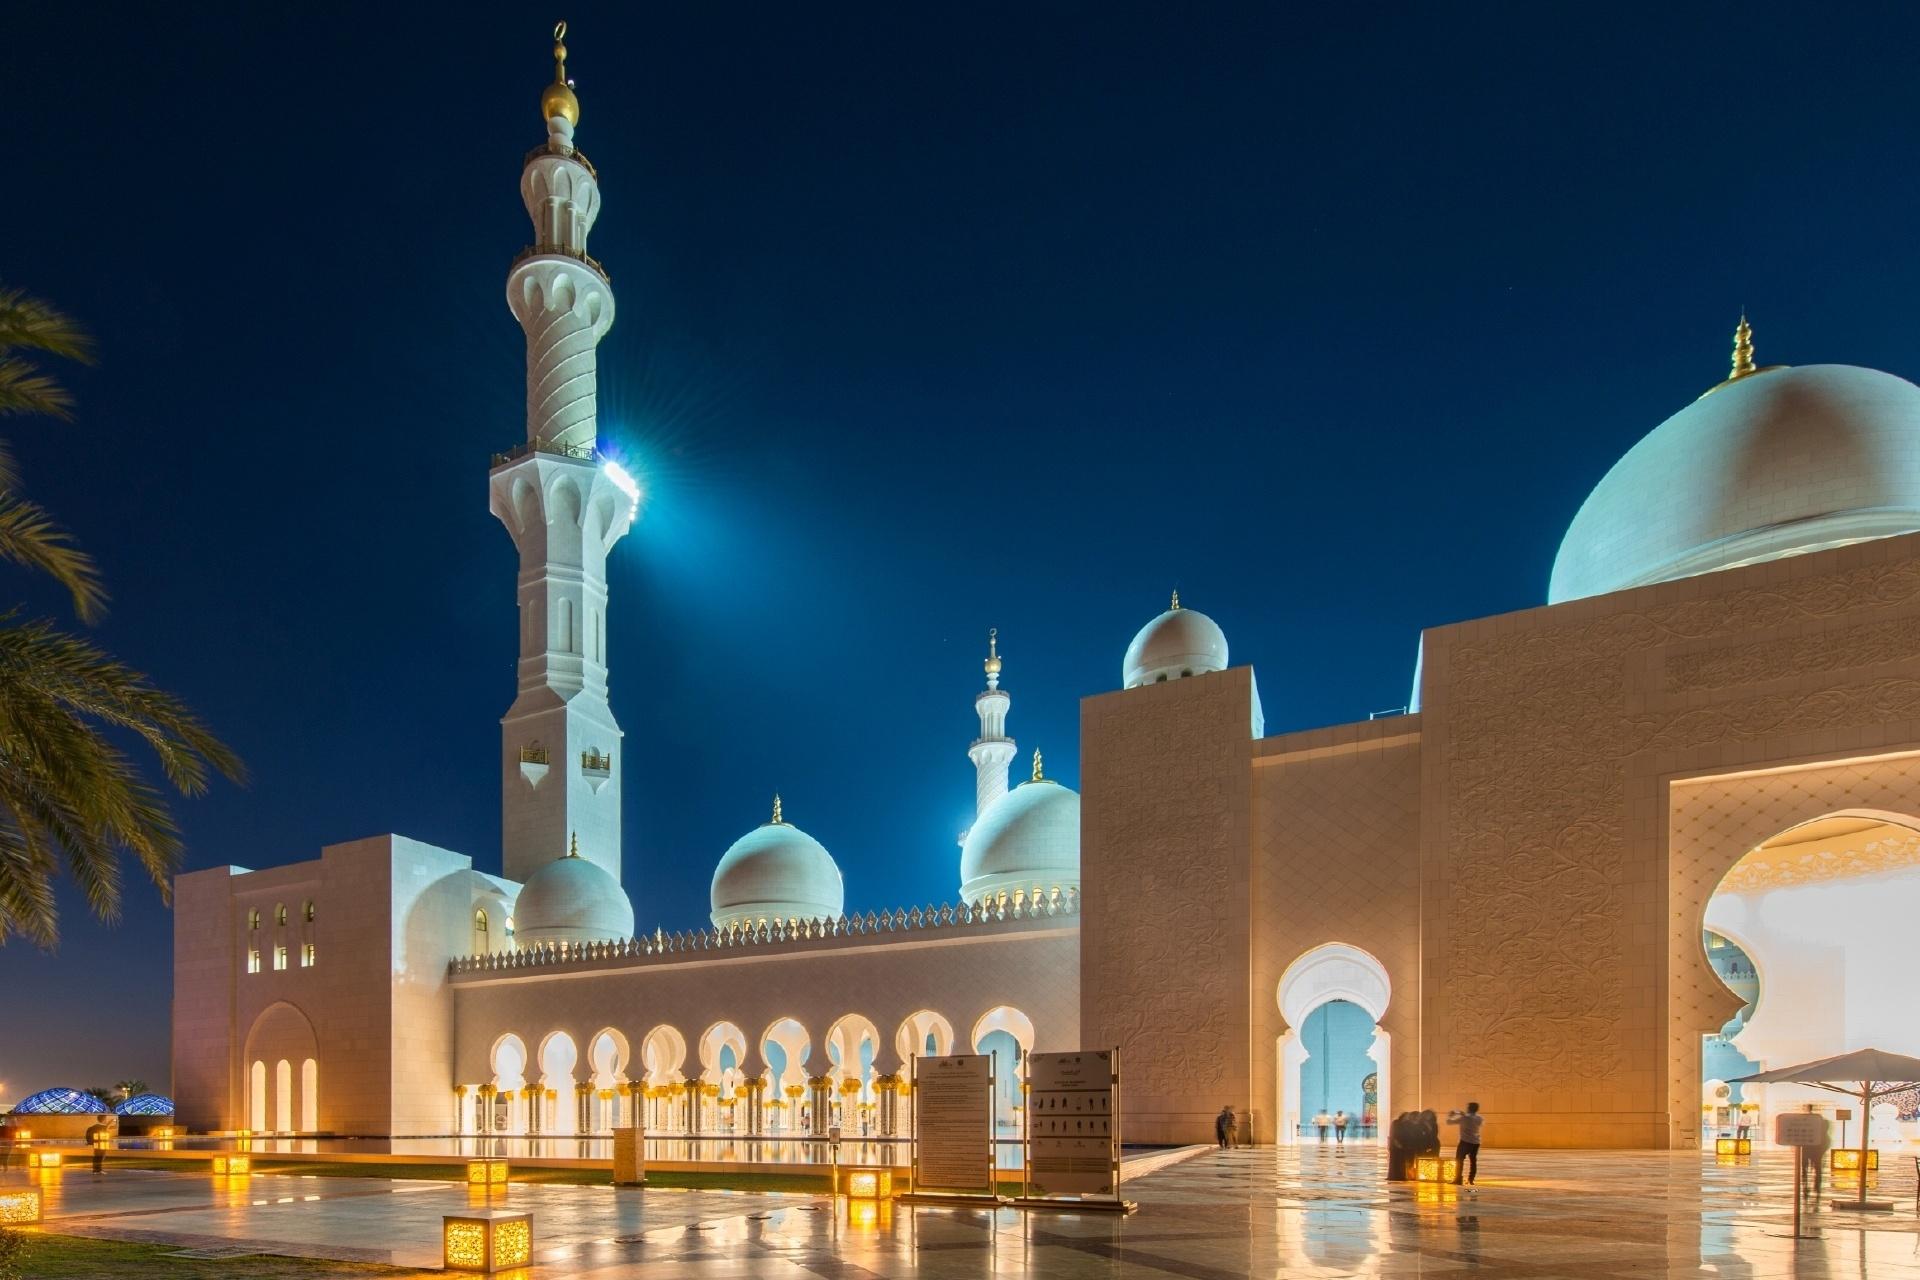 アブダビのシェイク・ザーイド・モスク アラブ首長国連邦の風景